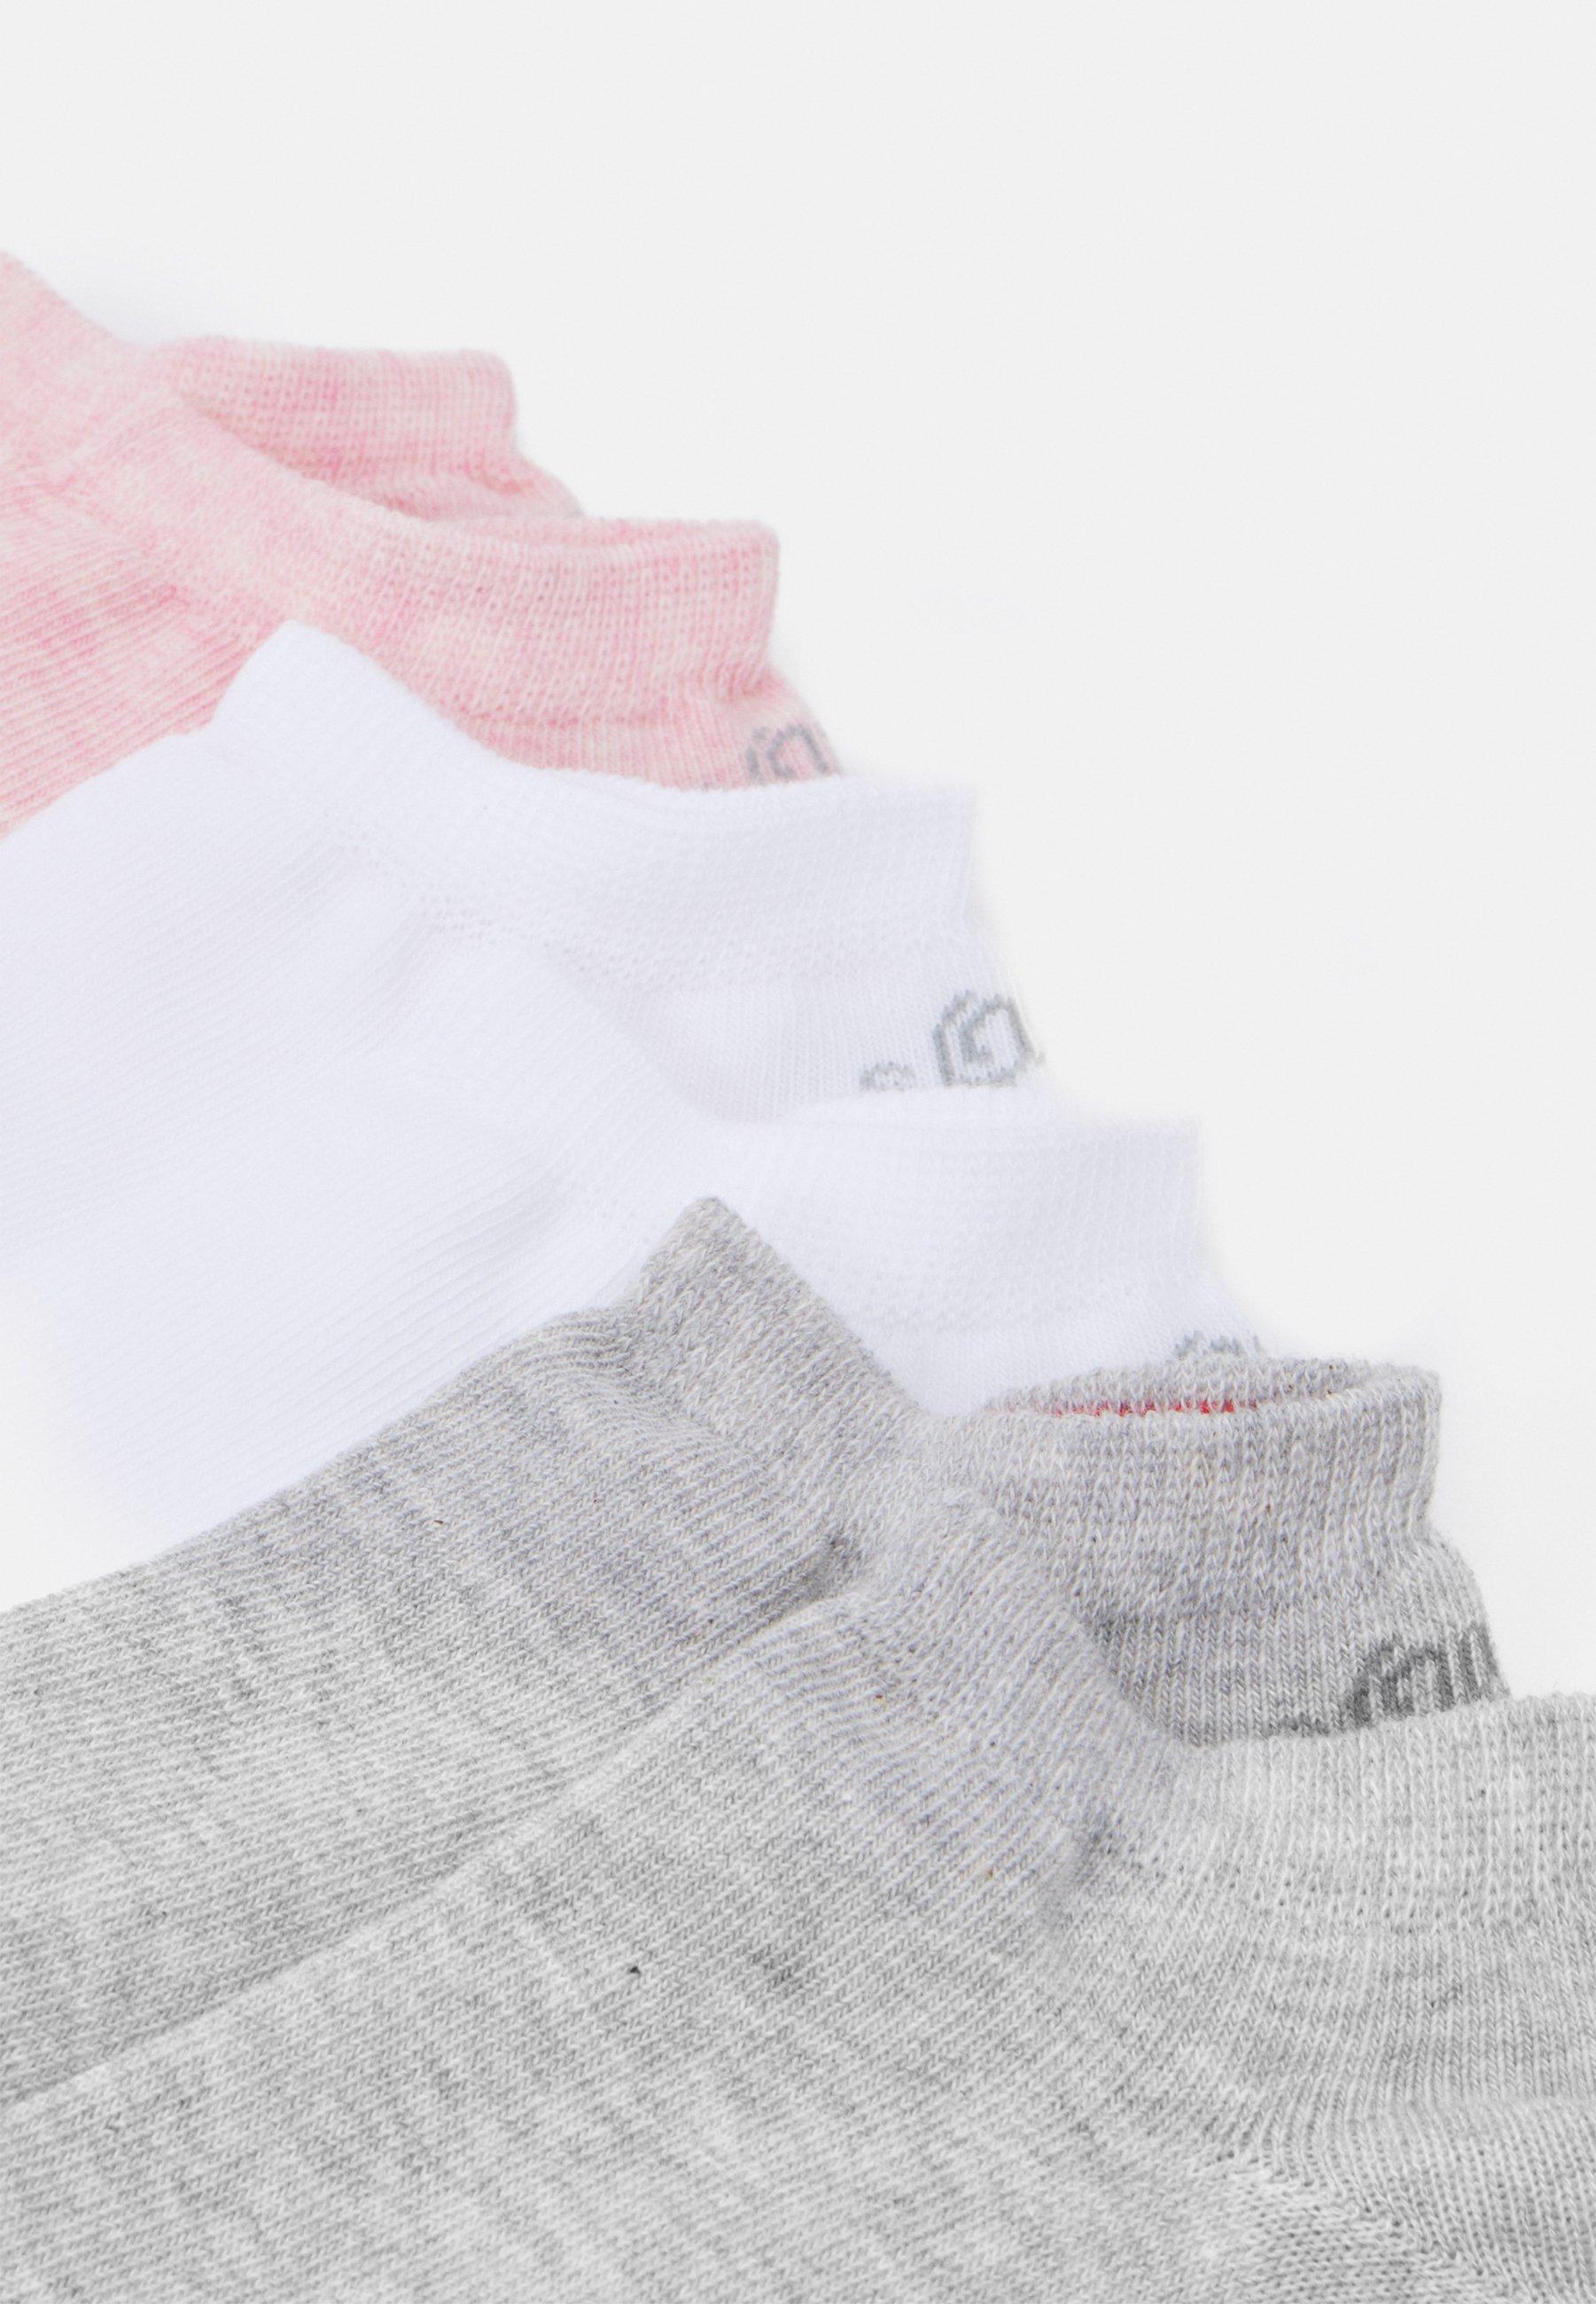 Women ONLINE ORIGINAL SNEAKER 6PACK UNISEX - Trainer socks